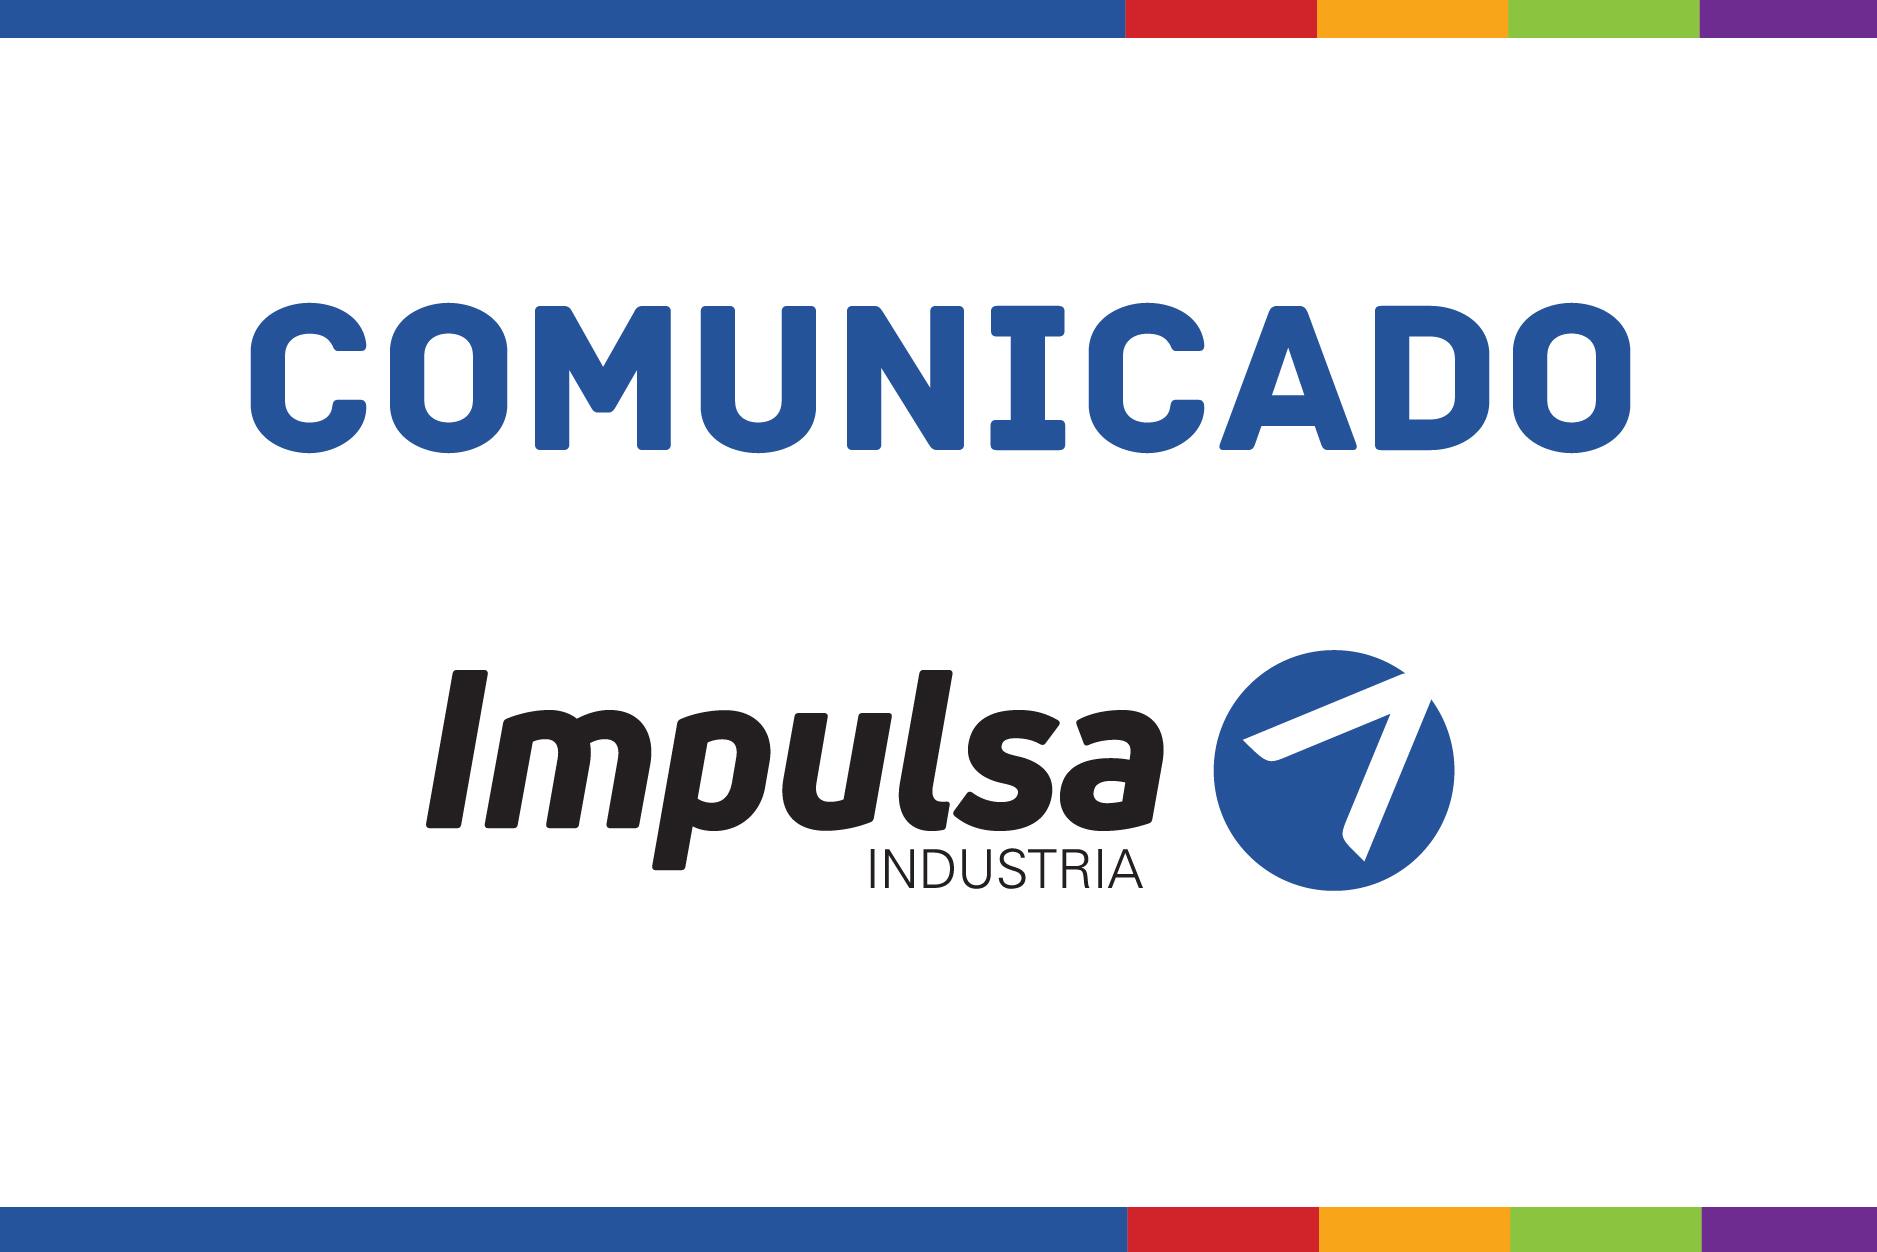 Comunicado de Impulsa Industria